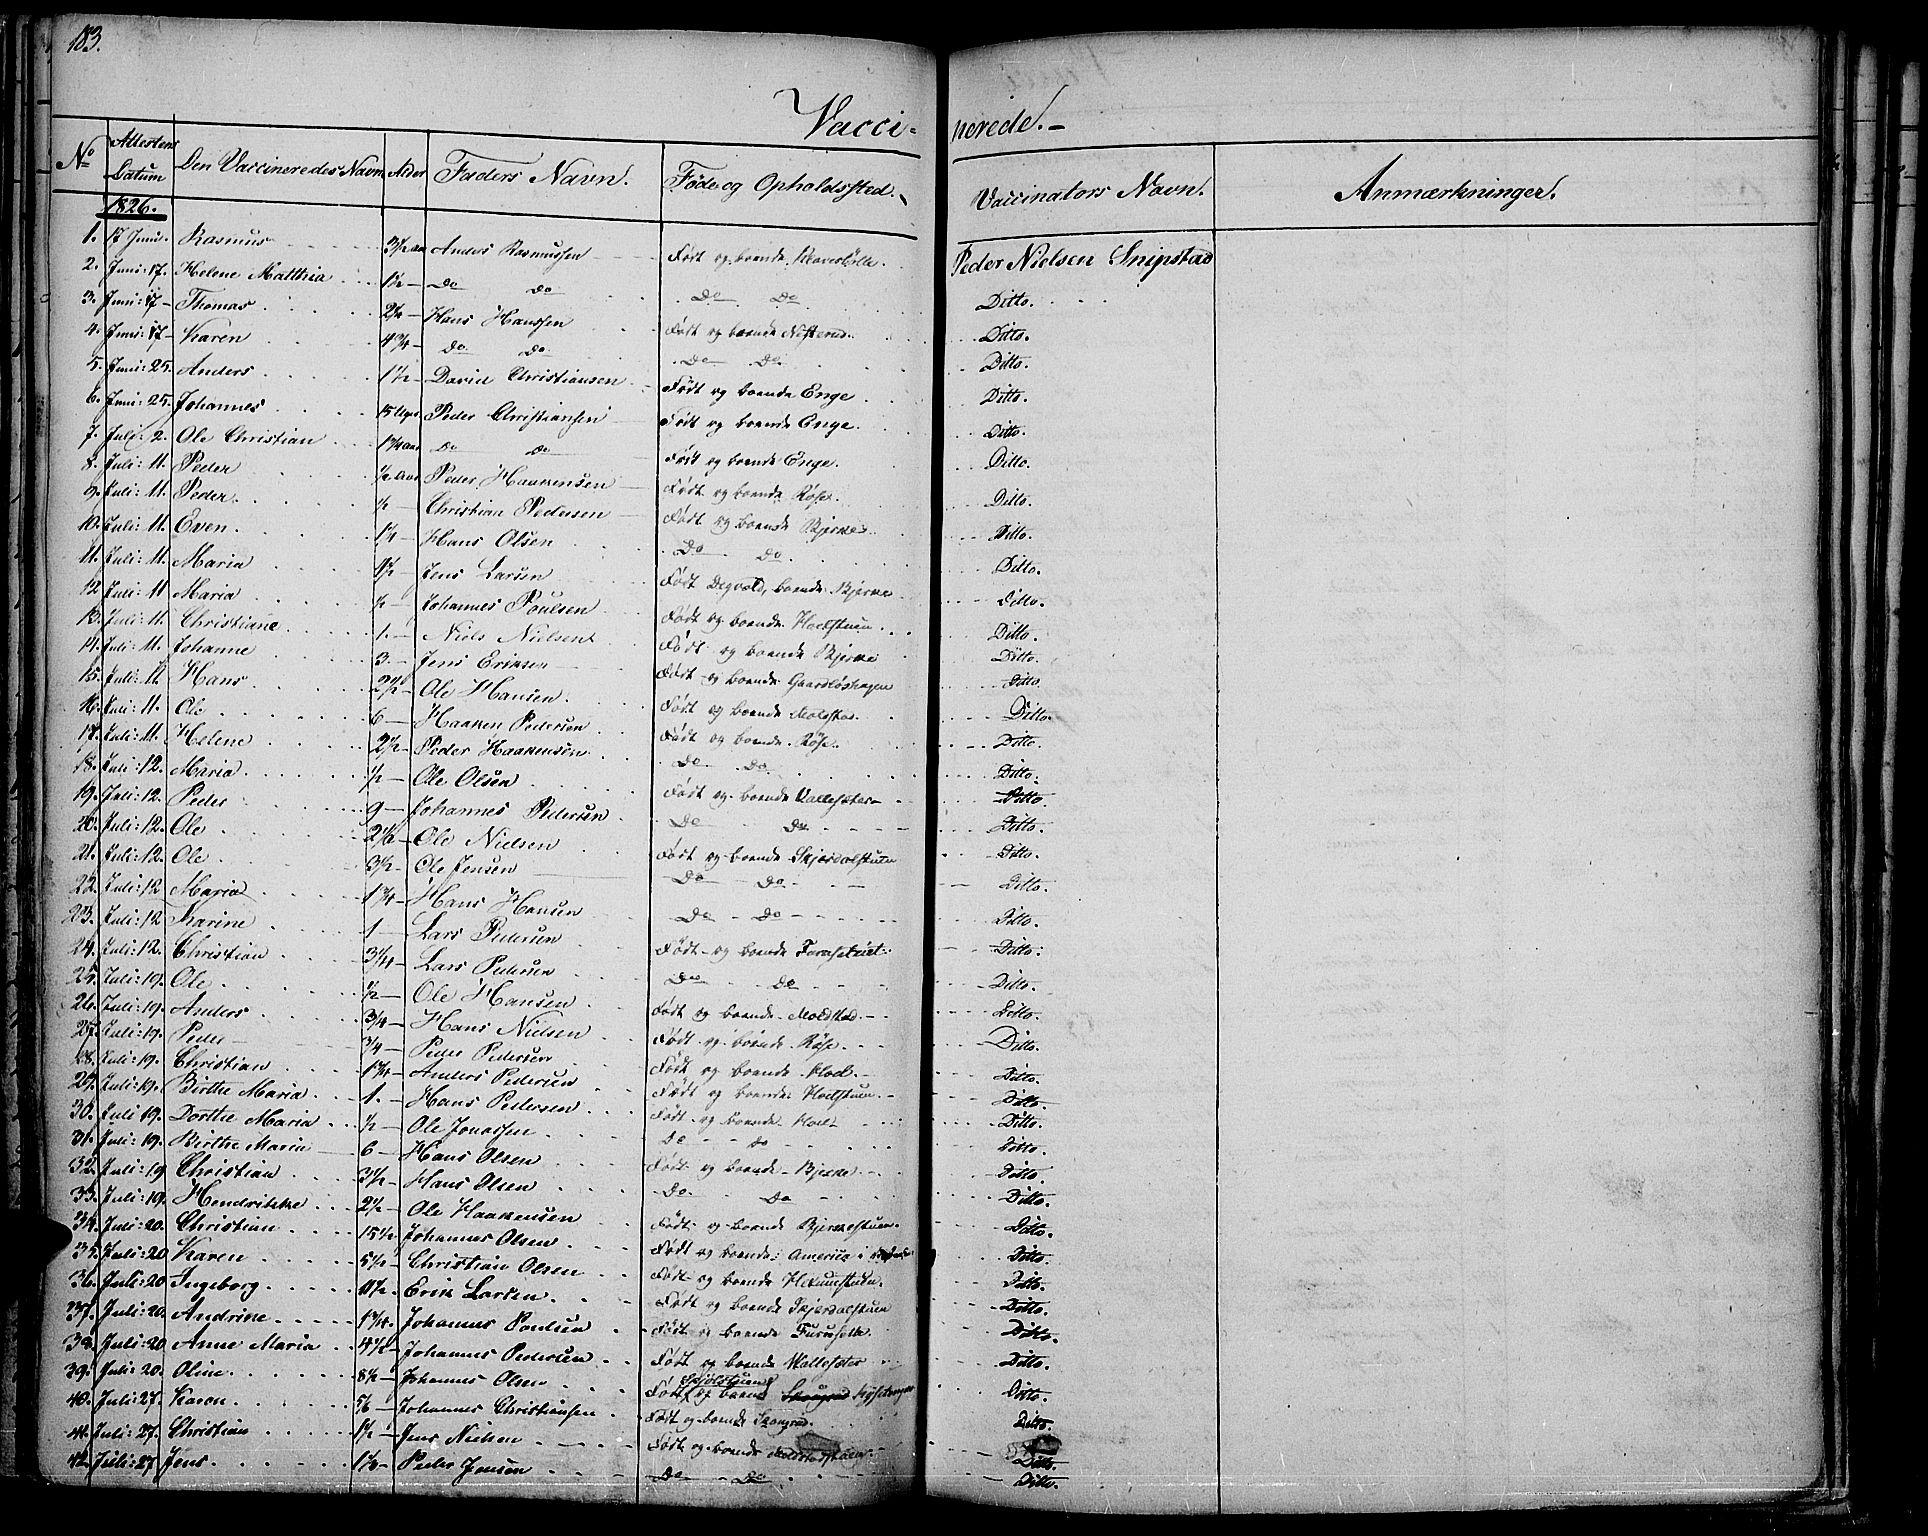 SAH, Vestre Toten prestekontor, Ministerialbok nr. 2, 1825-1837, s. 183